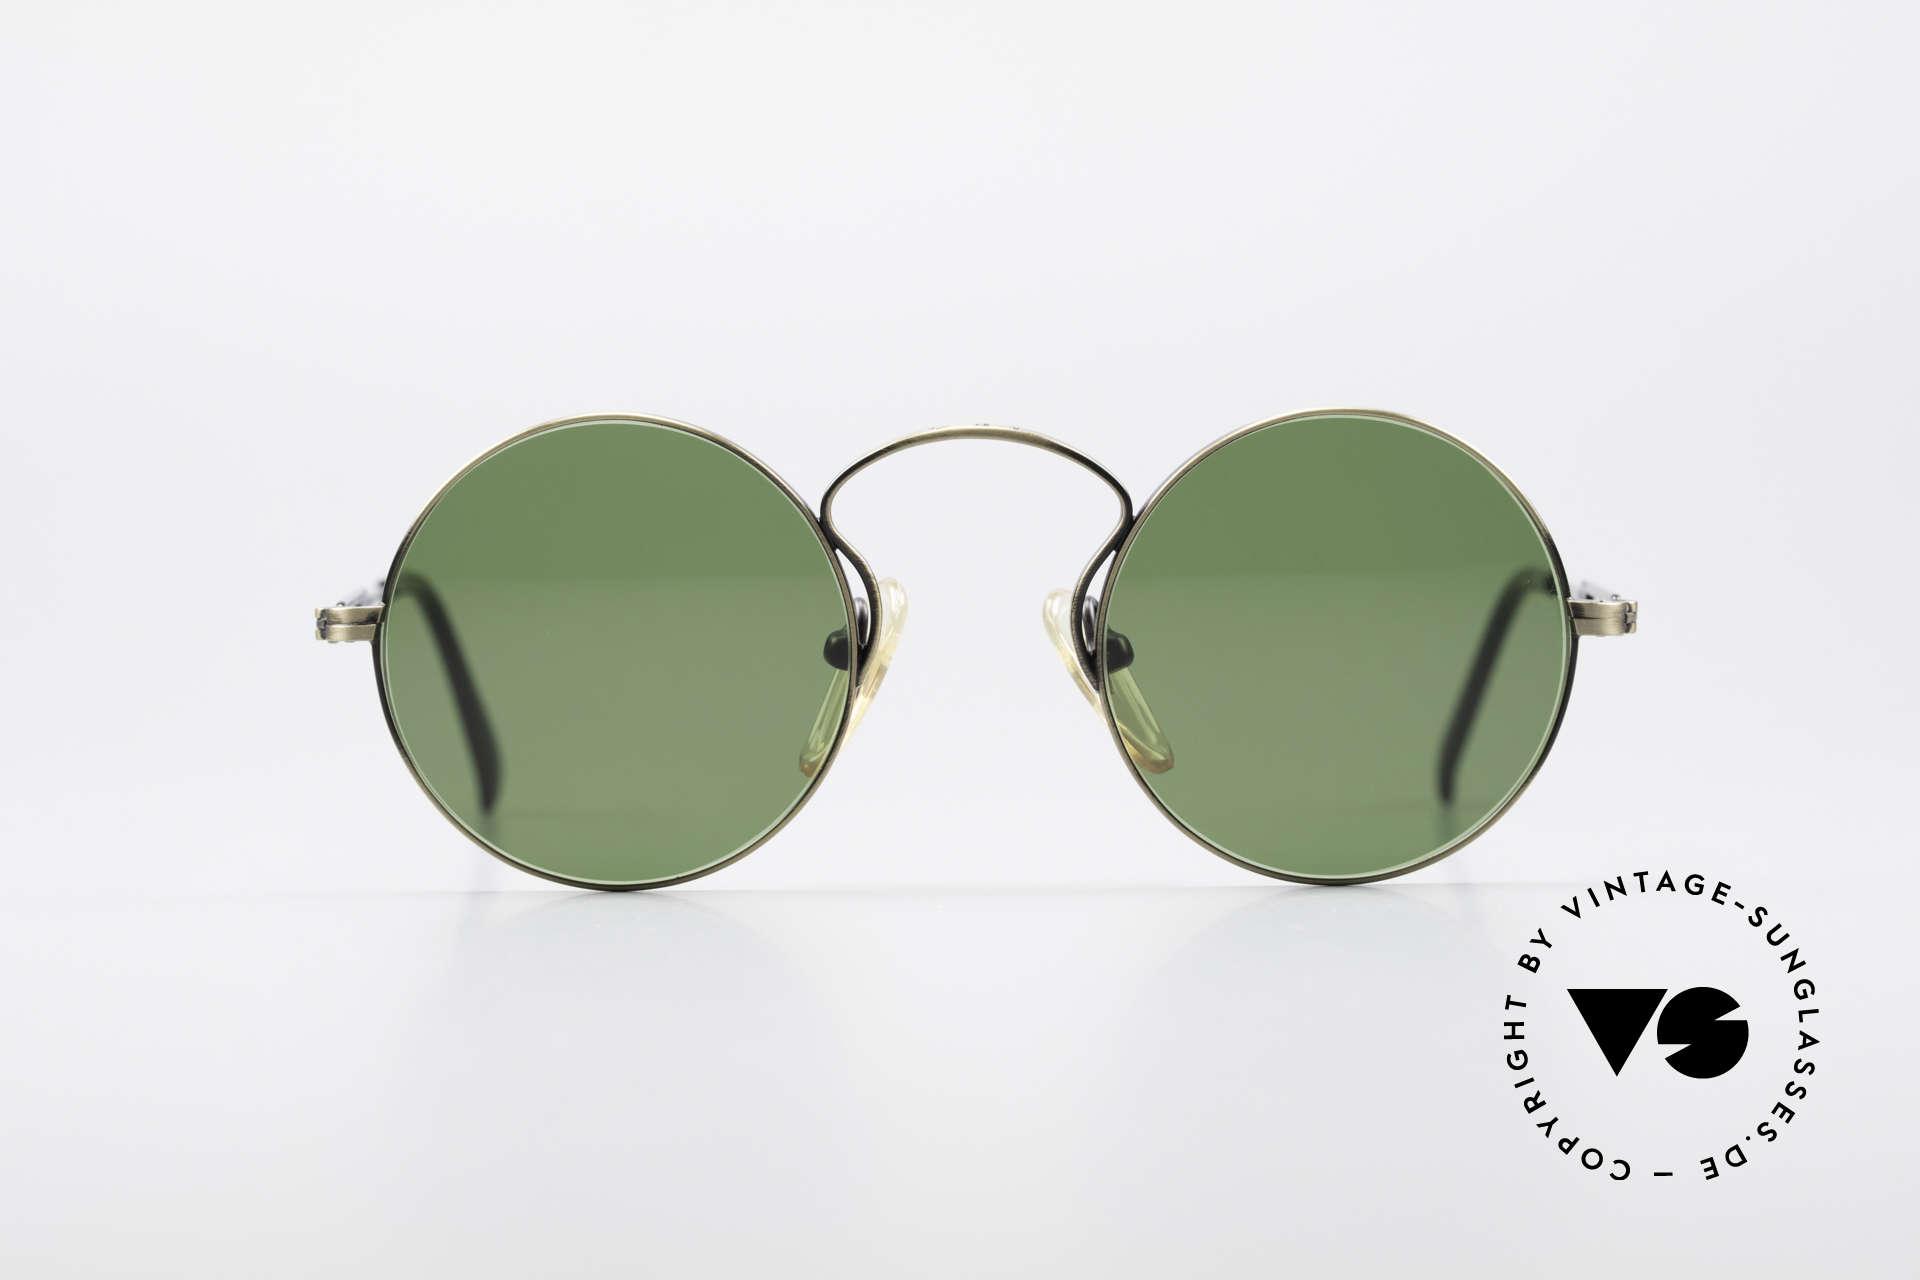 Jean Paul Gaultier 55-0172 90er Designer Sonnenbrille, runde Metall-Fassung; sehr leicht und komfortabel, Passend für Herren und Damen